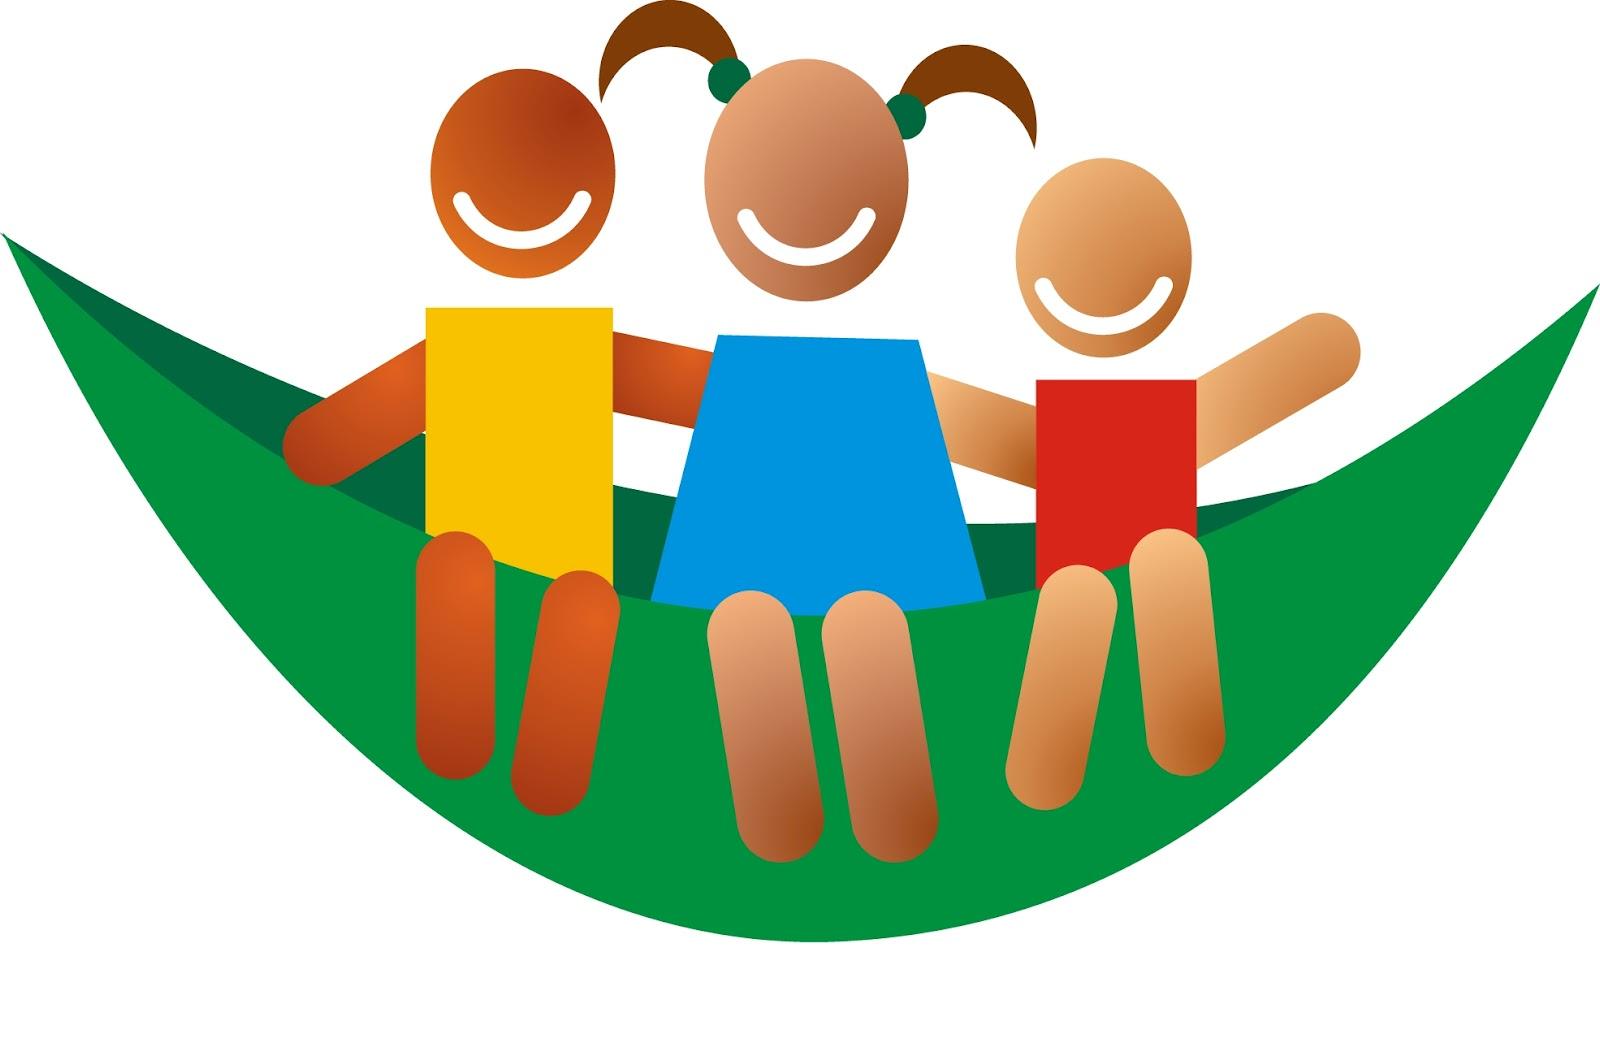 Símbolo da RNPI, uma rede com três crianças